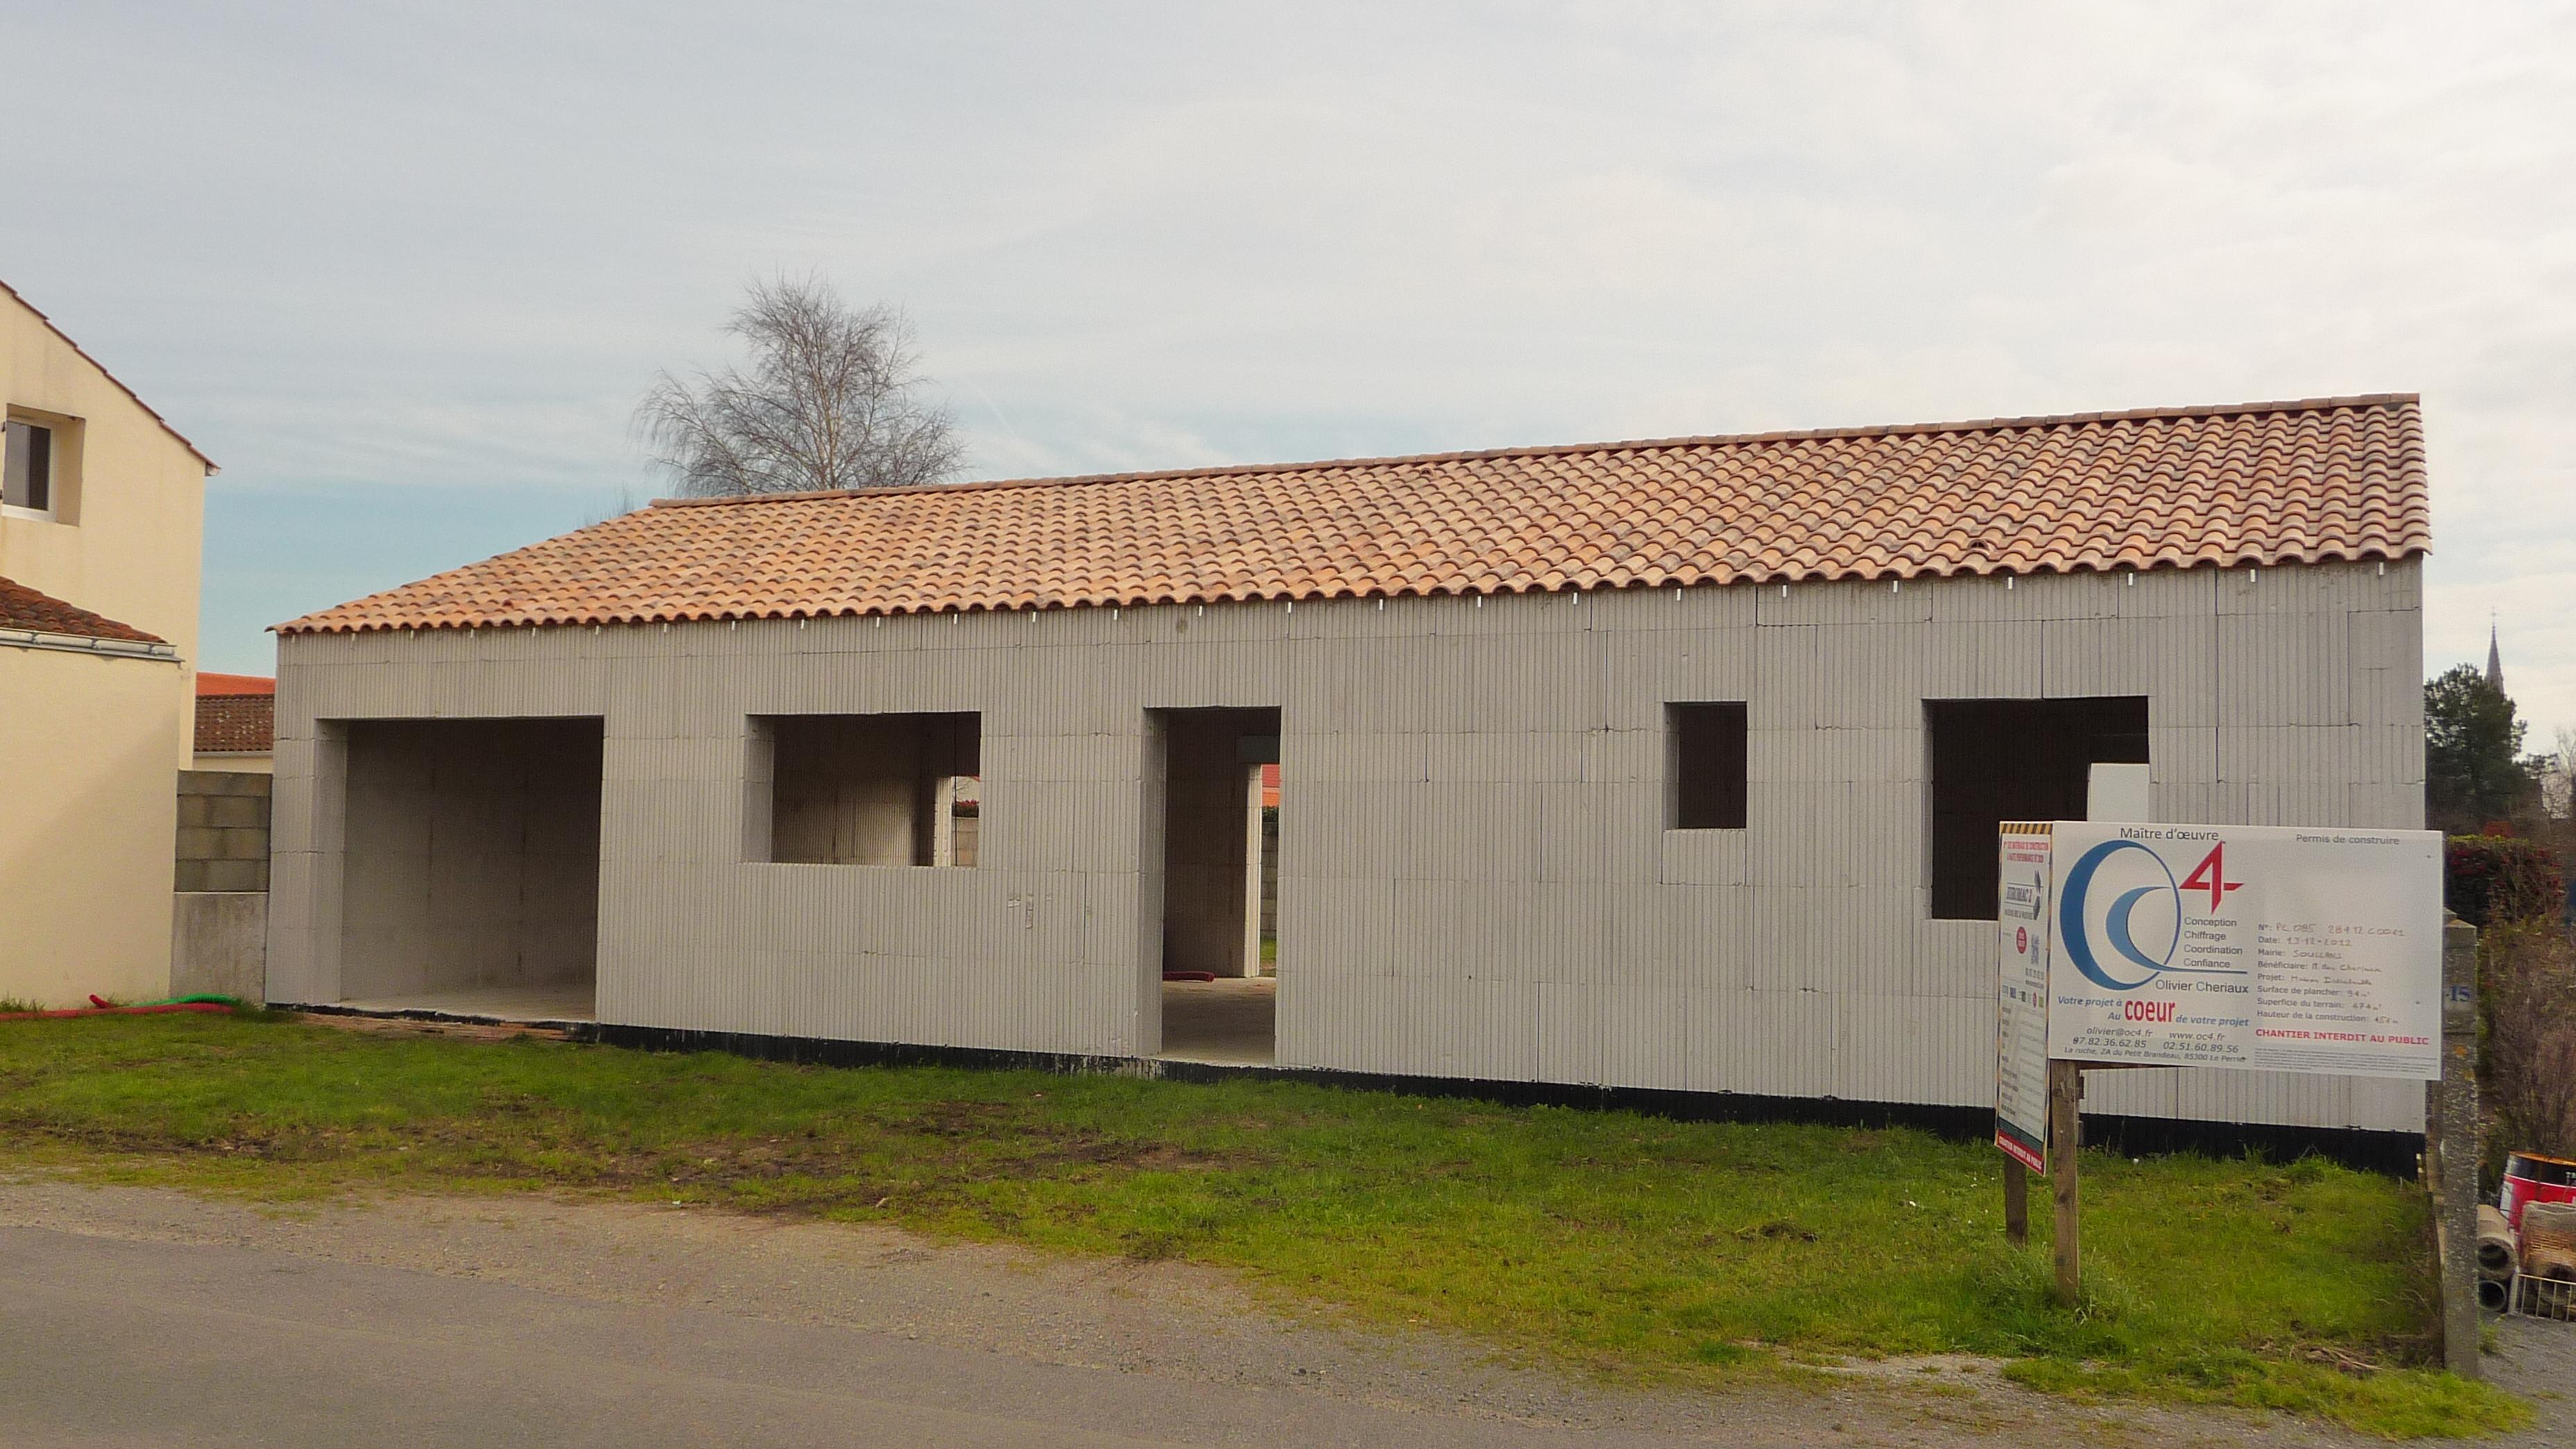 maison hautes performances énergétiques à Soullans par OC4 maître d'oeuvre